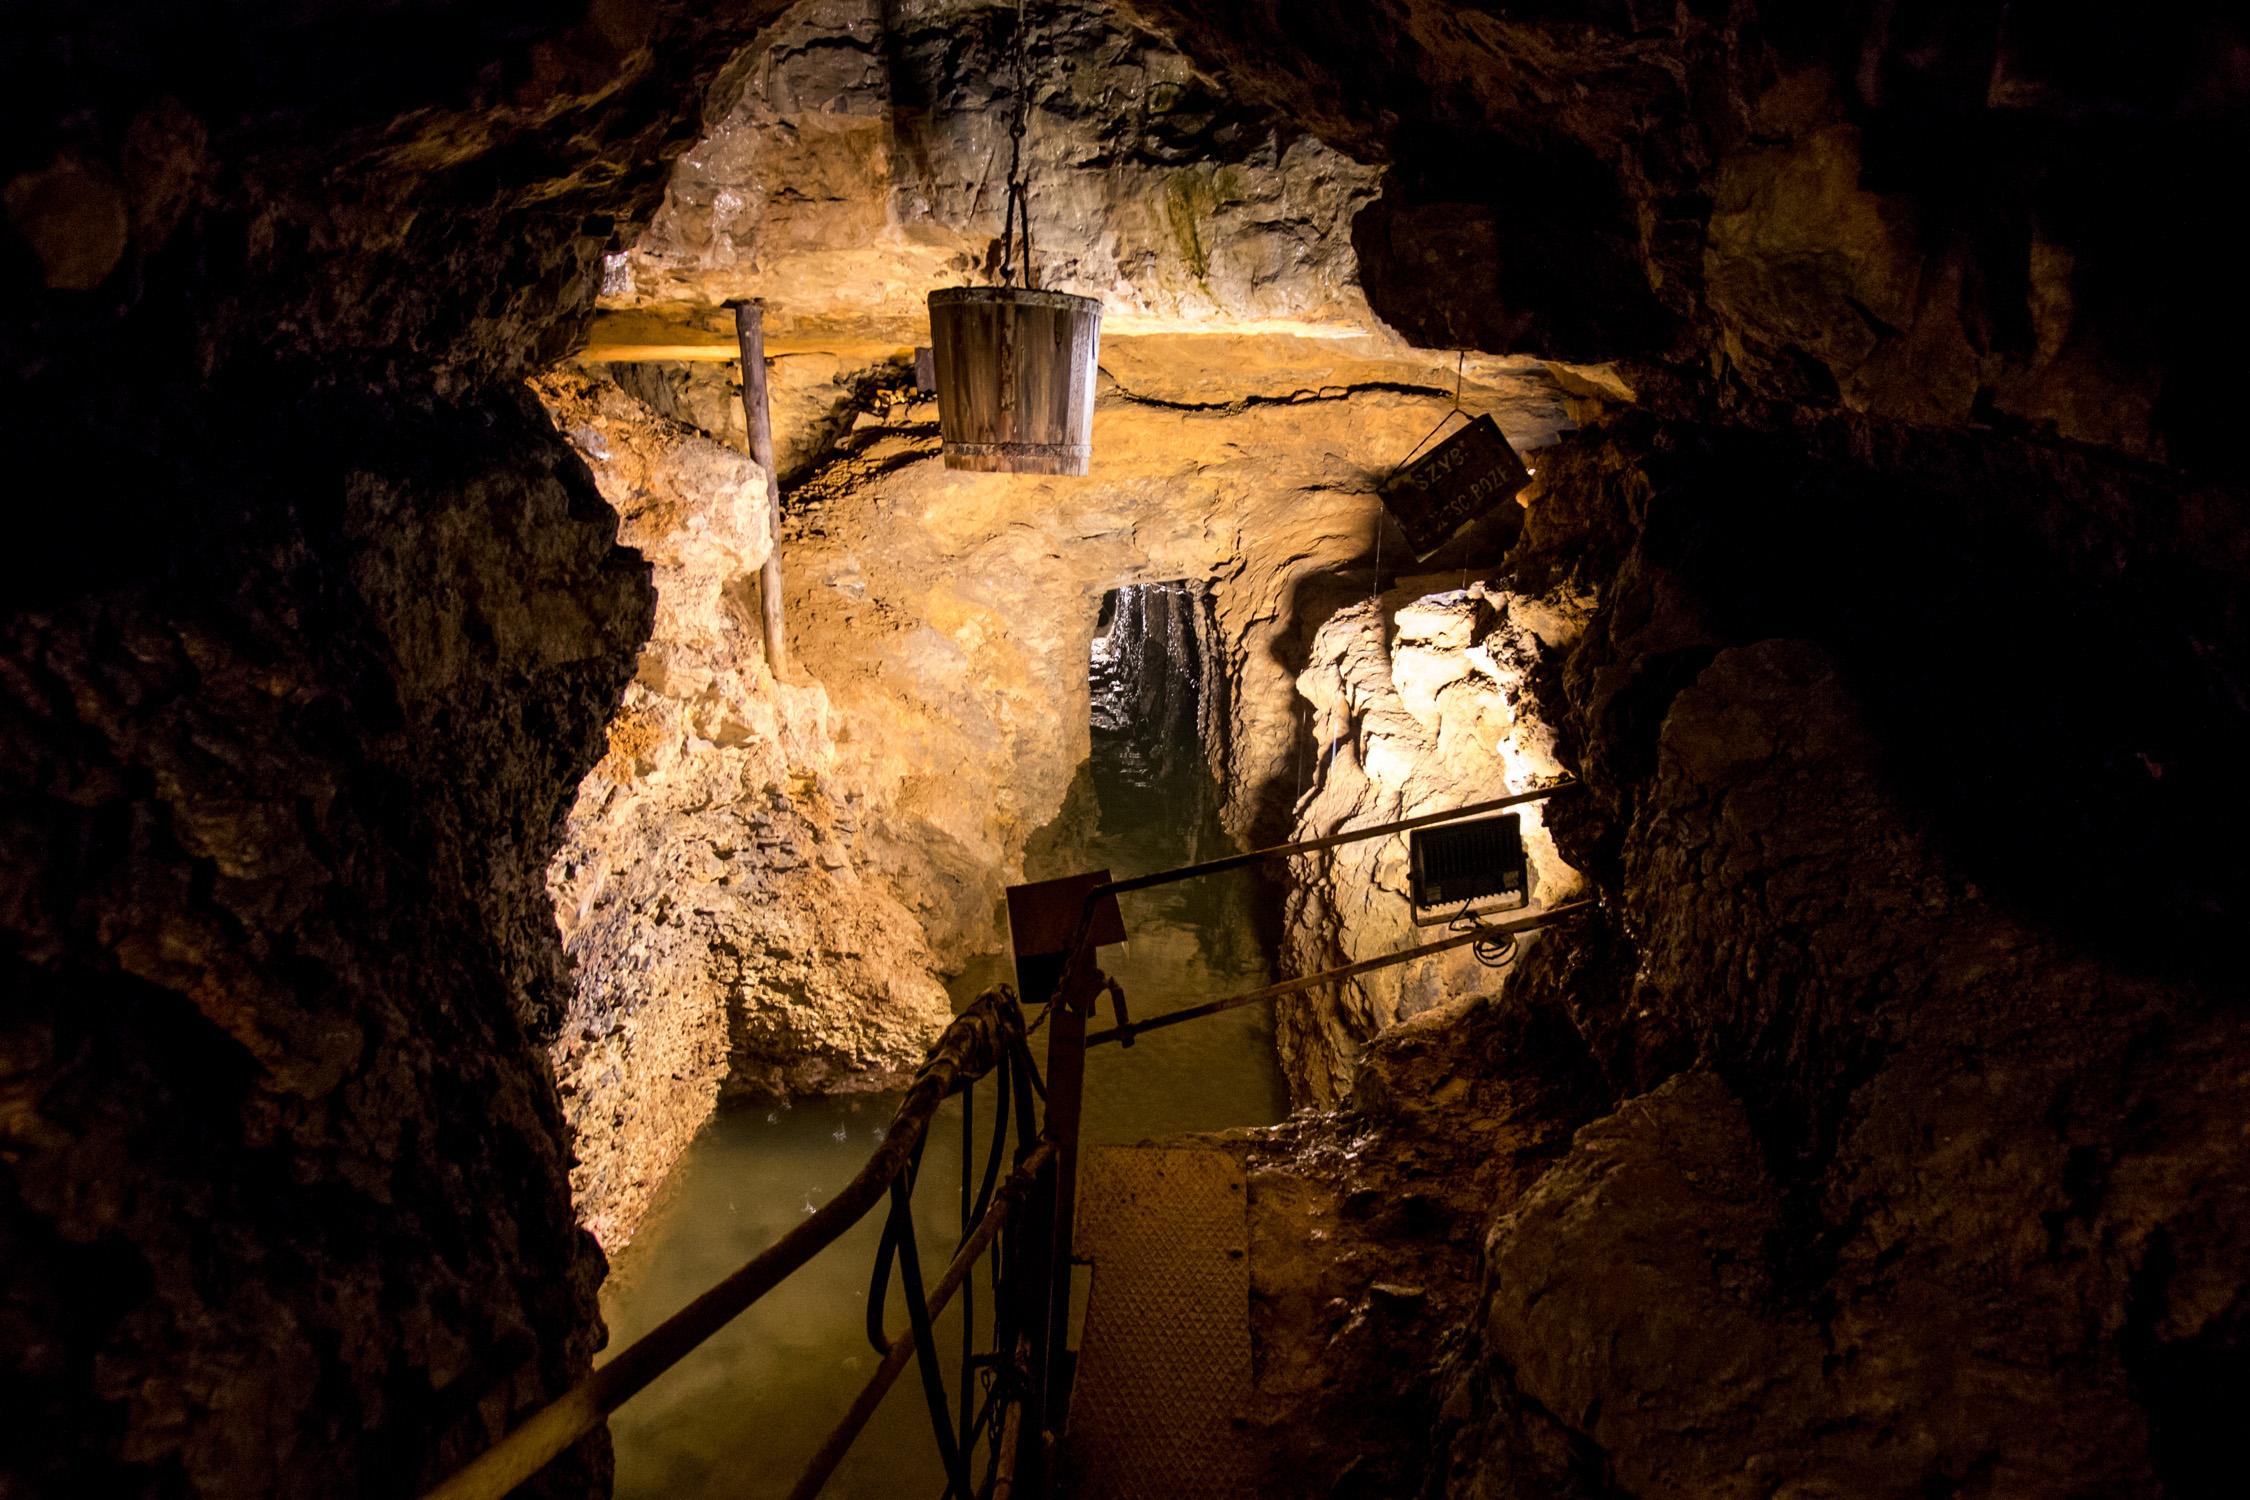 Siłą rzeczy fotografii z Sztolni Dziedzicznej także nie mam, więc fragment kanału z kopalni srebra w Tarnowskich Górach